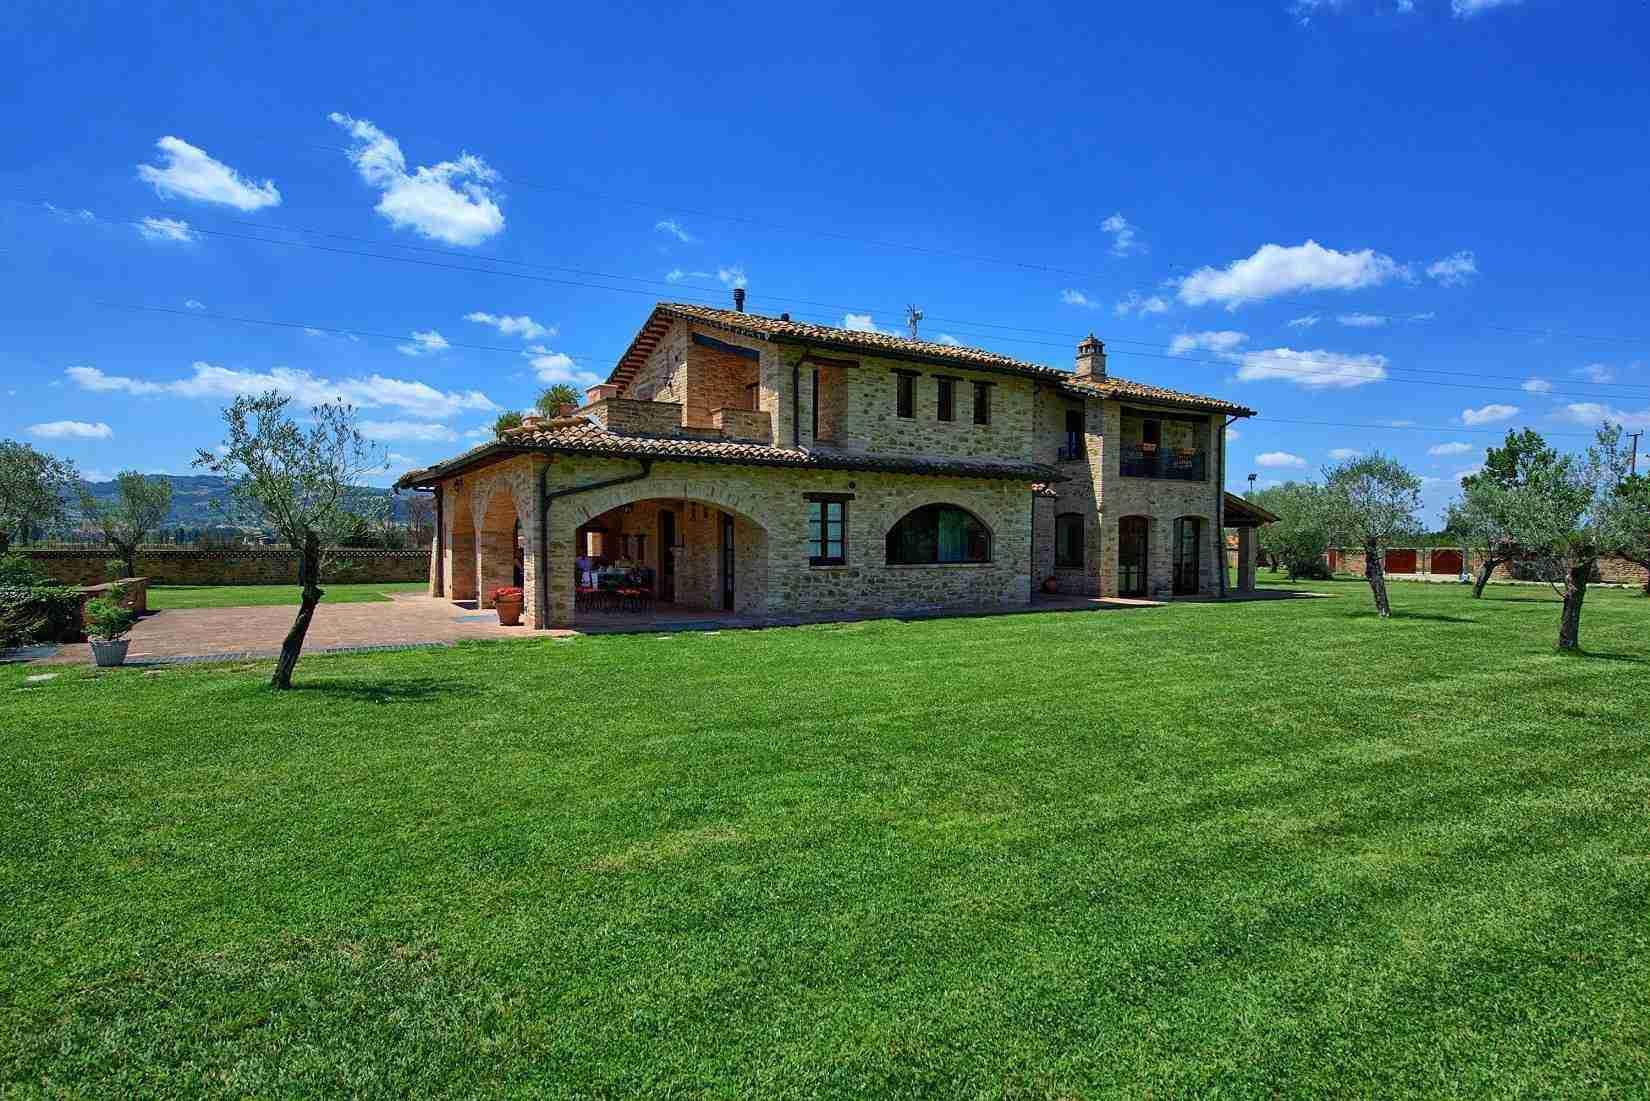 3 Assisi facade